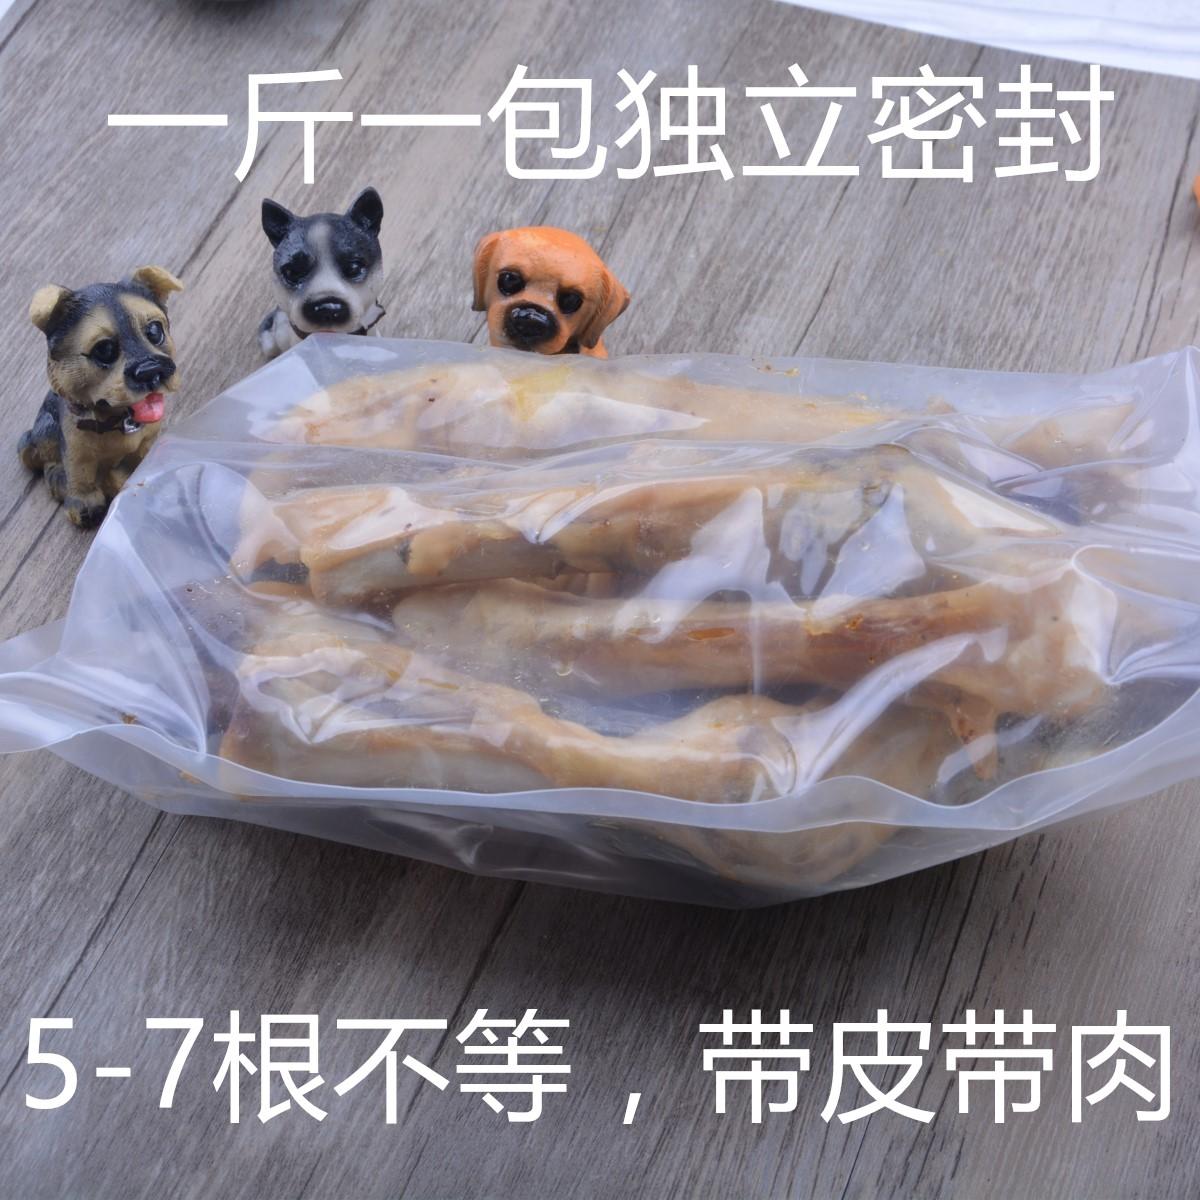 宠物羊蹄子狗狗零食5元优惠券